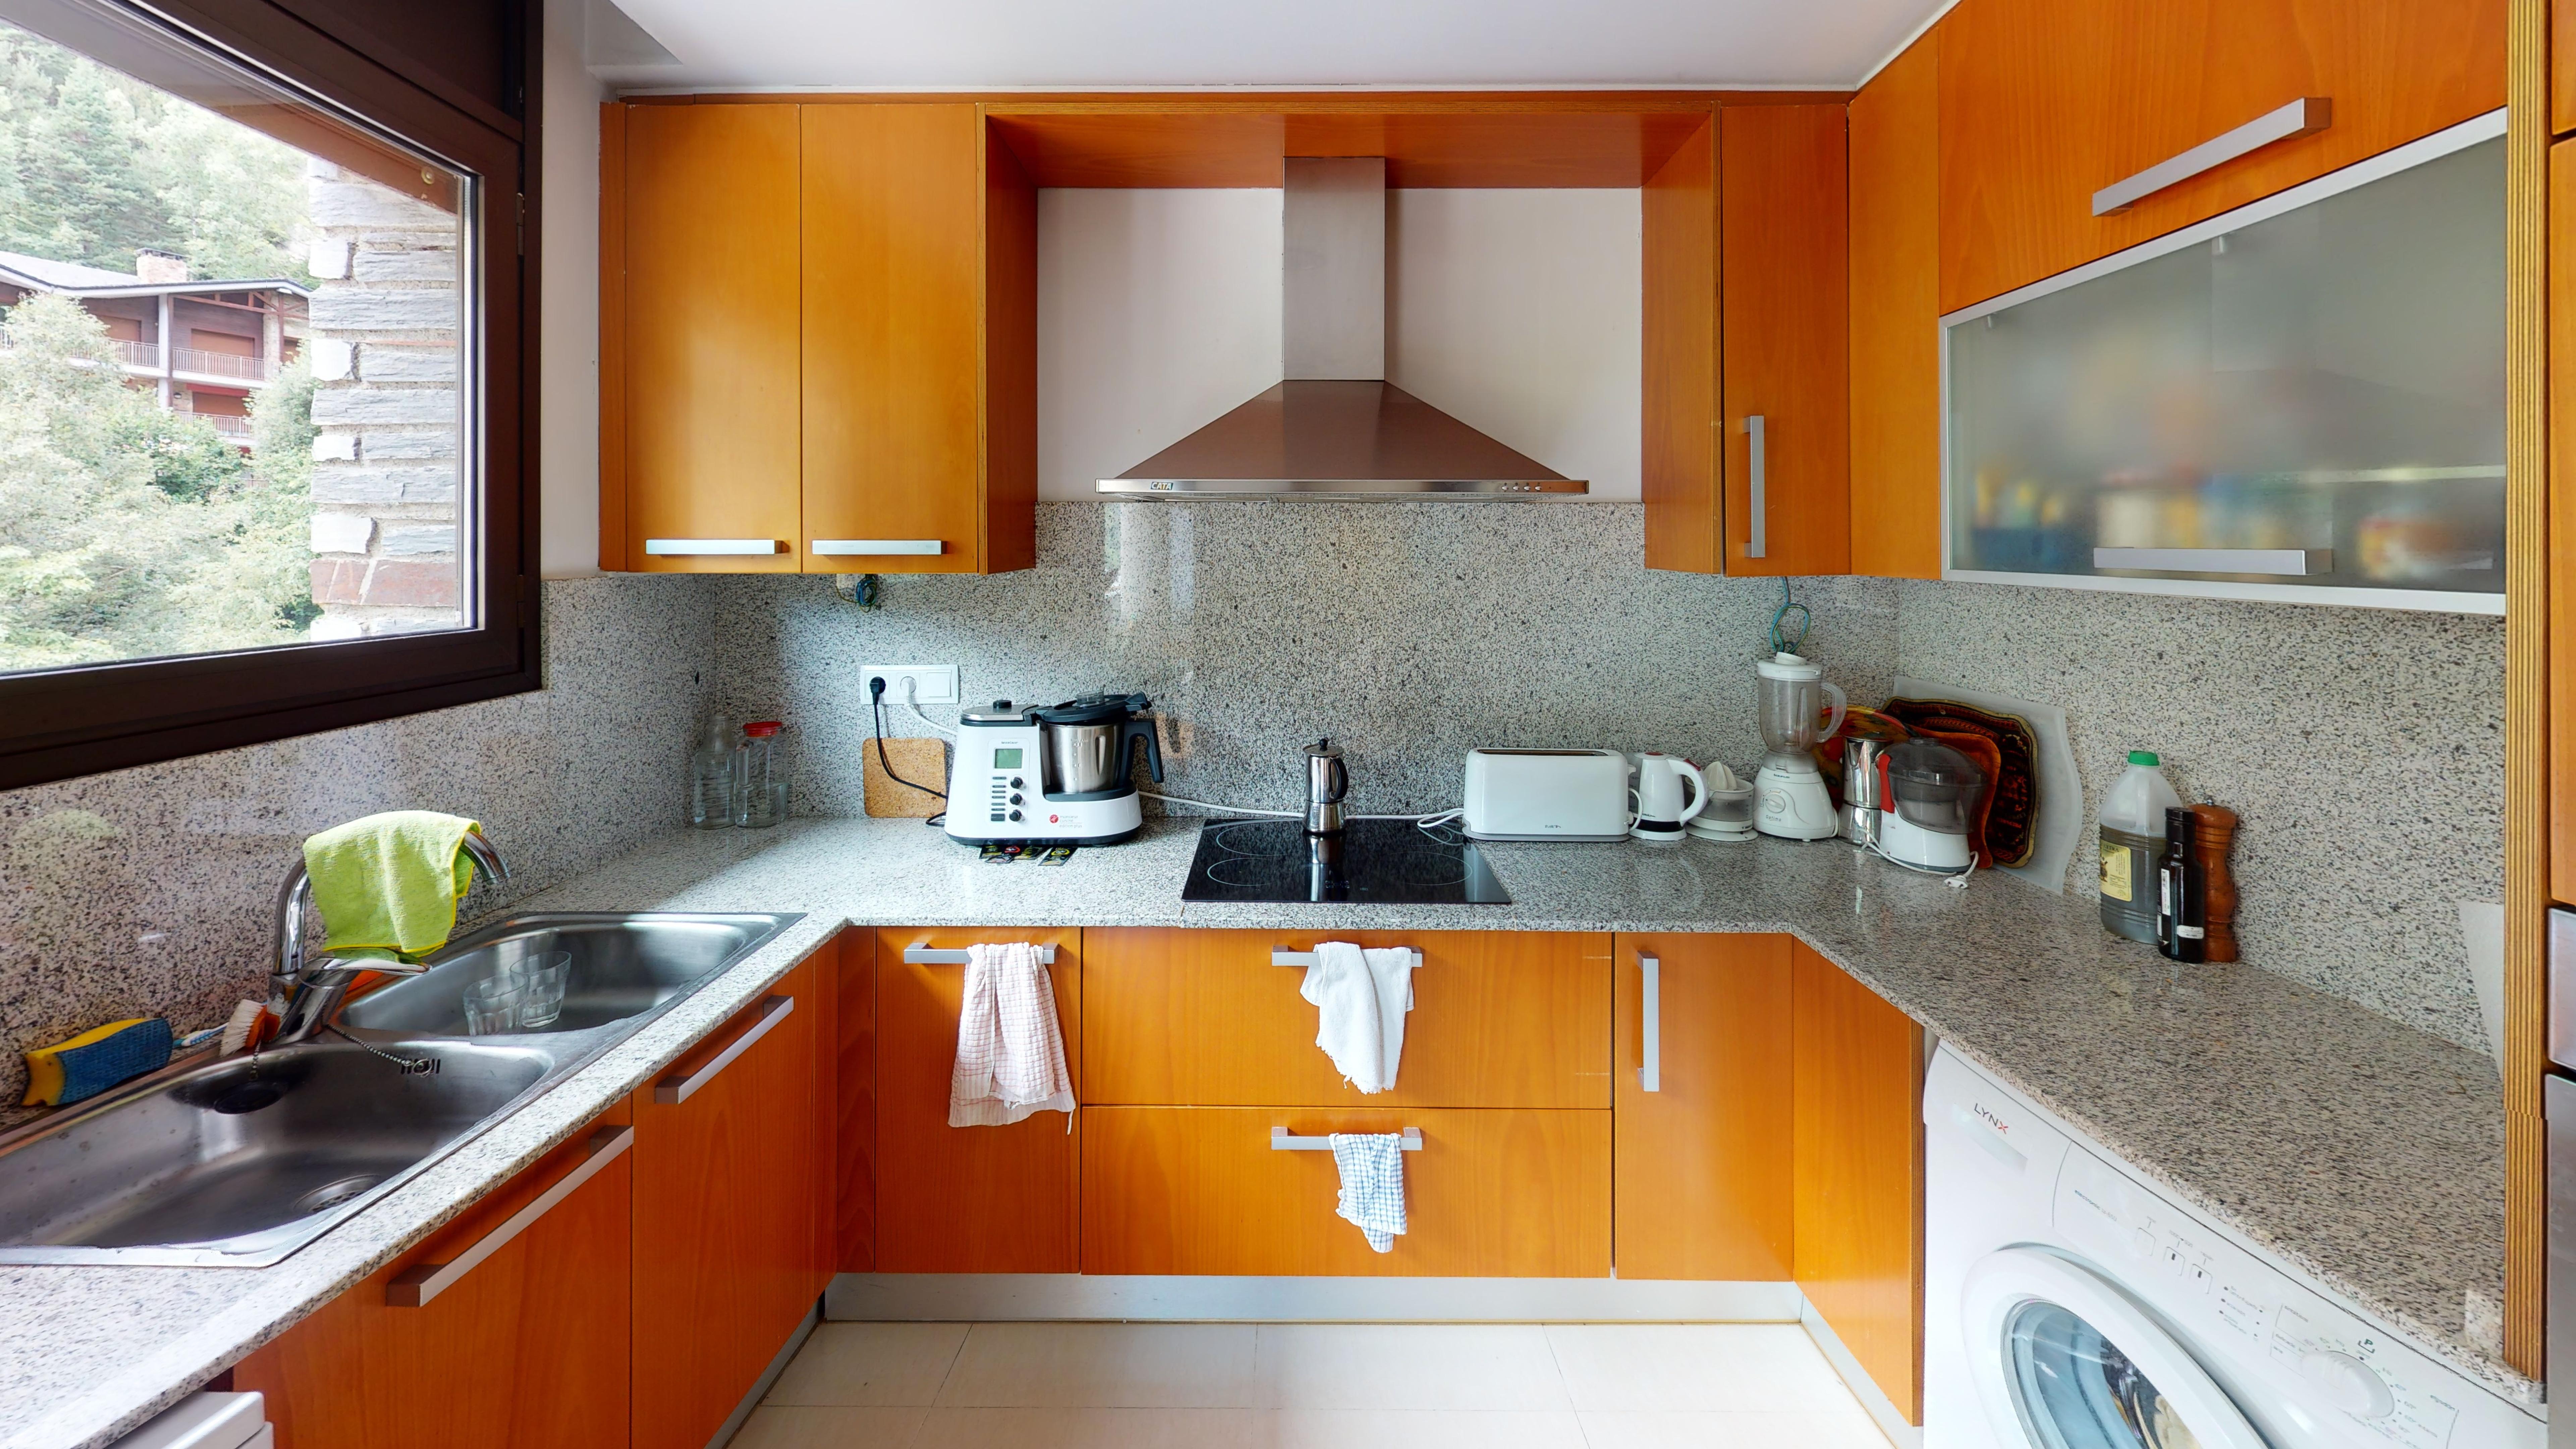 Pis en venda a Arinsal, 3 habitacions, 106 metres